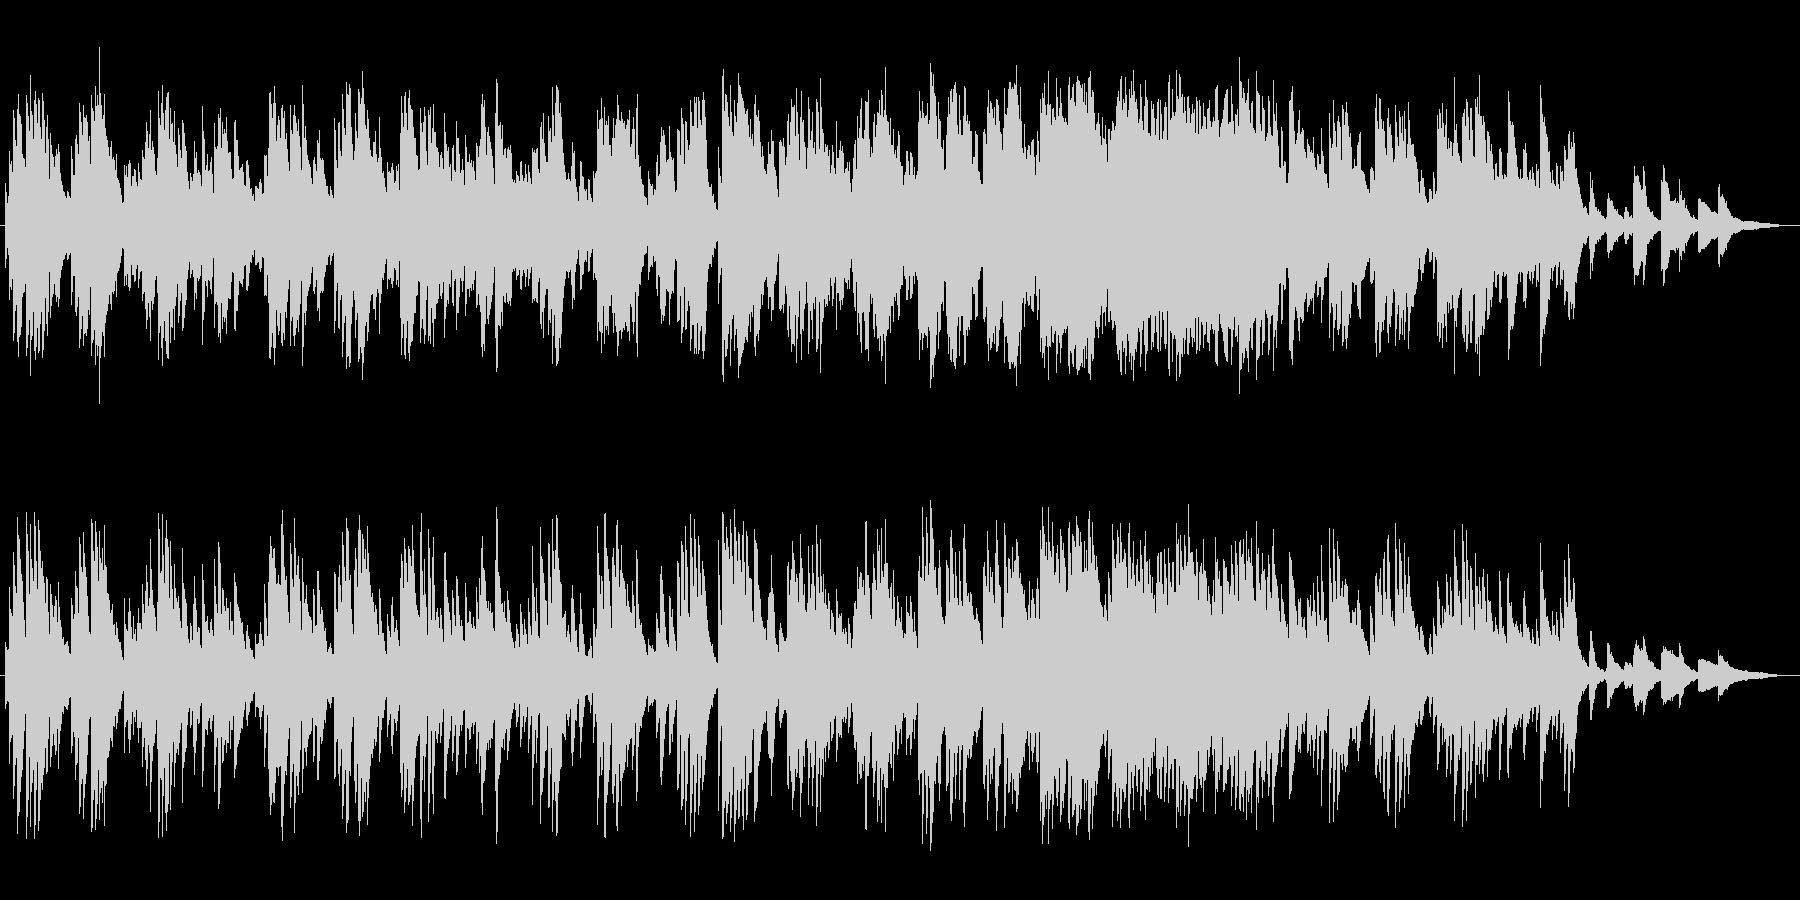 ゆっくりなピアノとシンセのバラードの未再生の波形